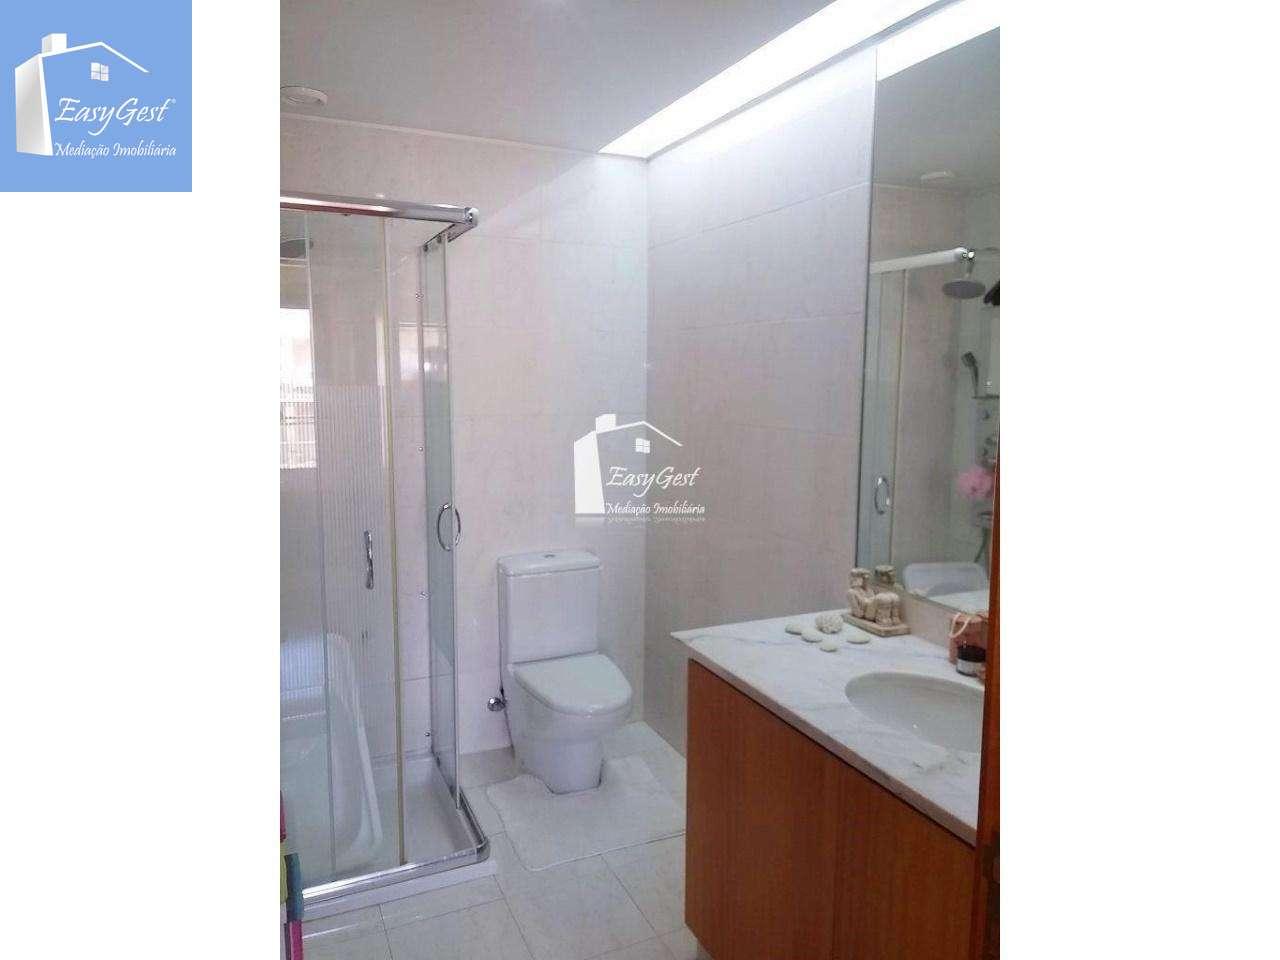 Apartamento para comprar, Santa Maria da Feira, Travanca, Sanfins e Espargo, Aveiro - Foto 11